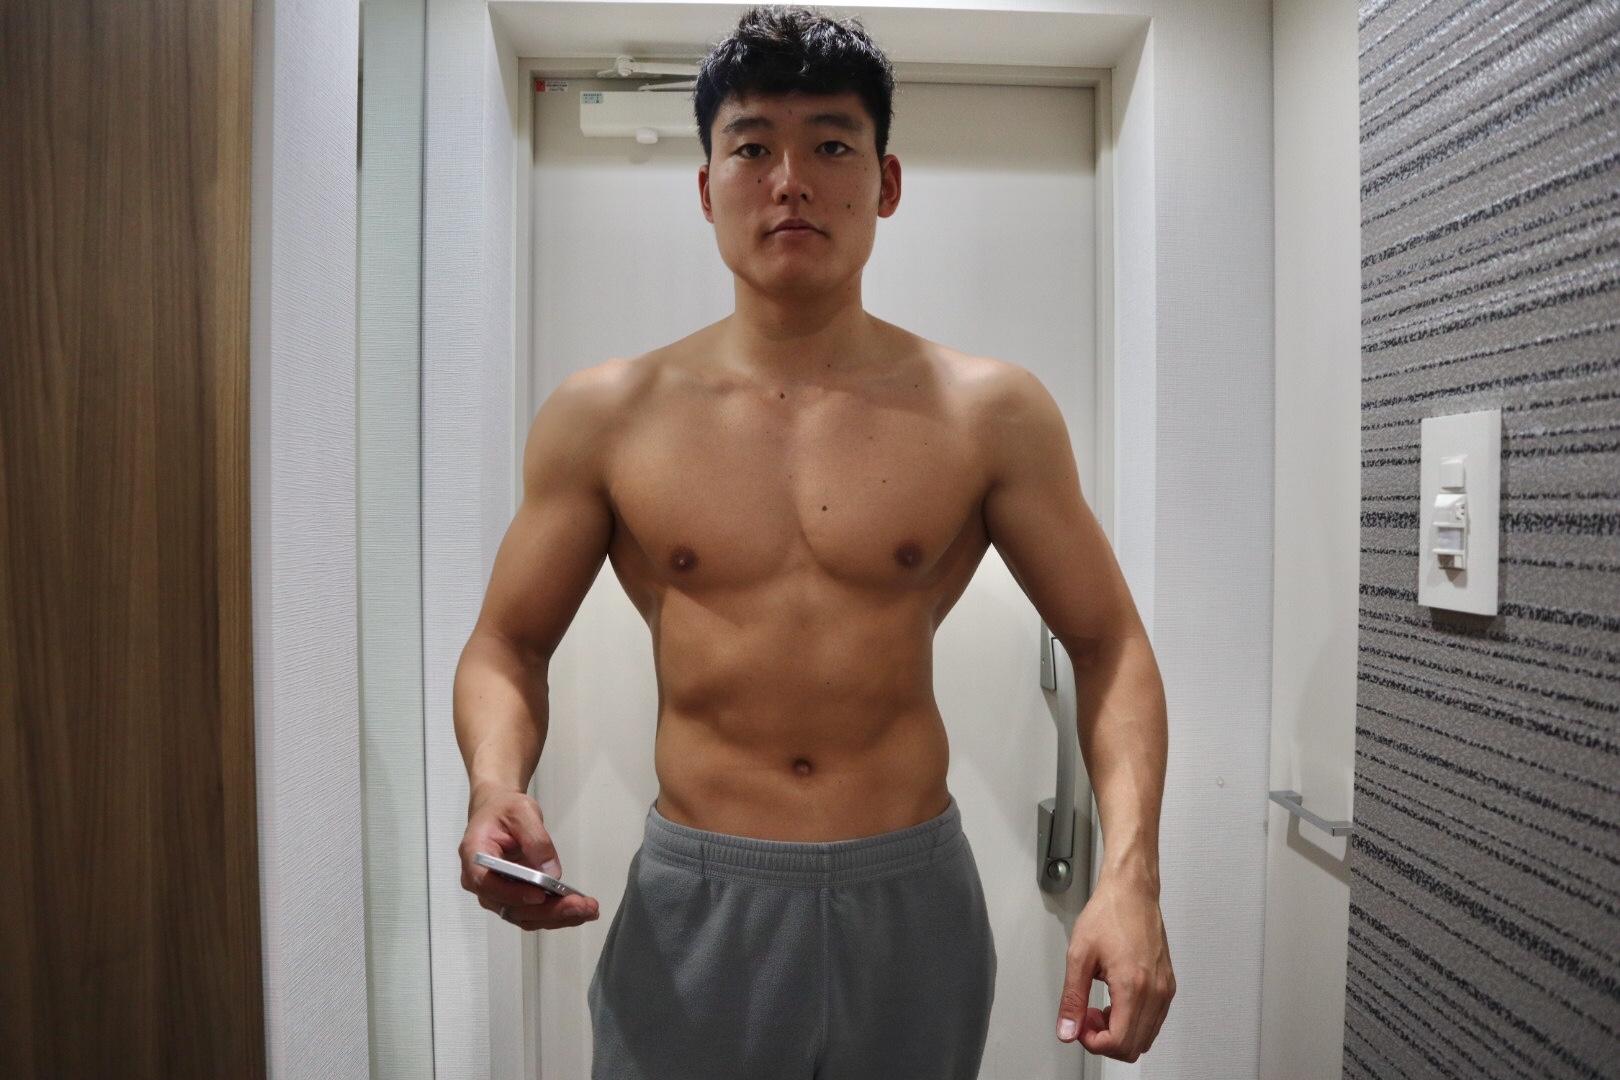 【減量1日目】3年間の身体の変化を写真5枚で振り返る